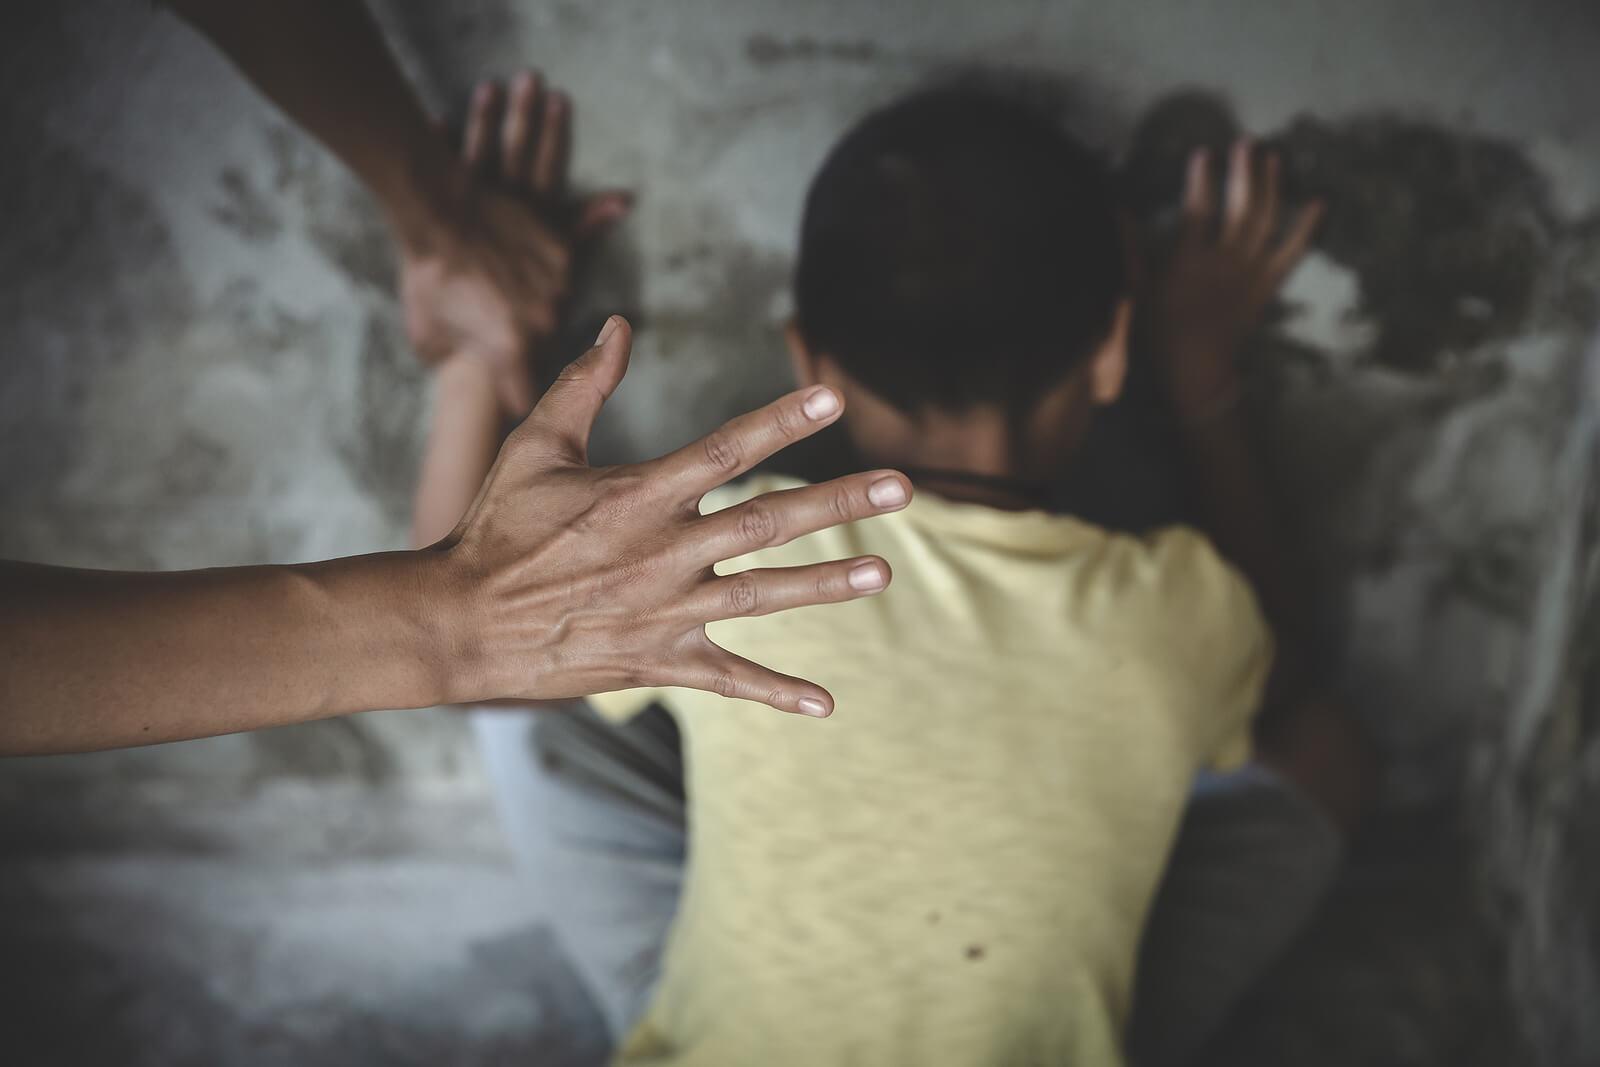 Niño sufriendo maltrato infantil.